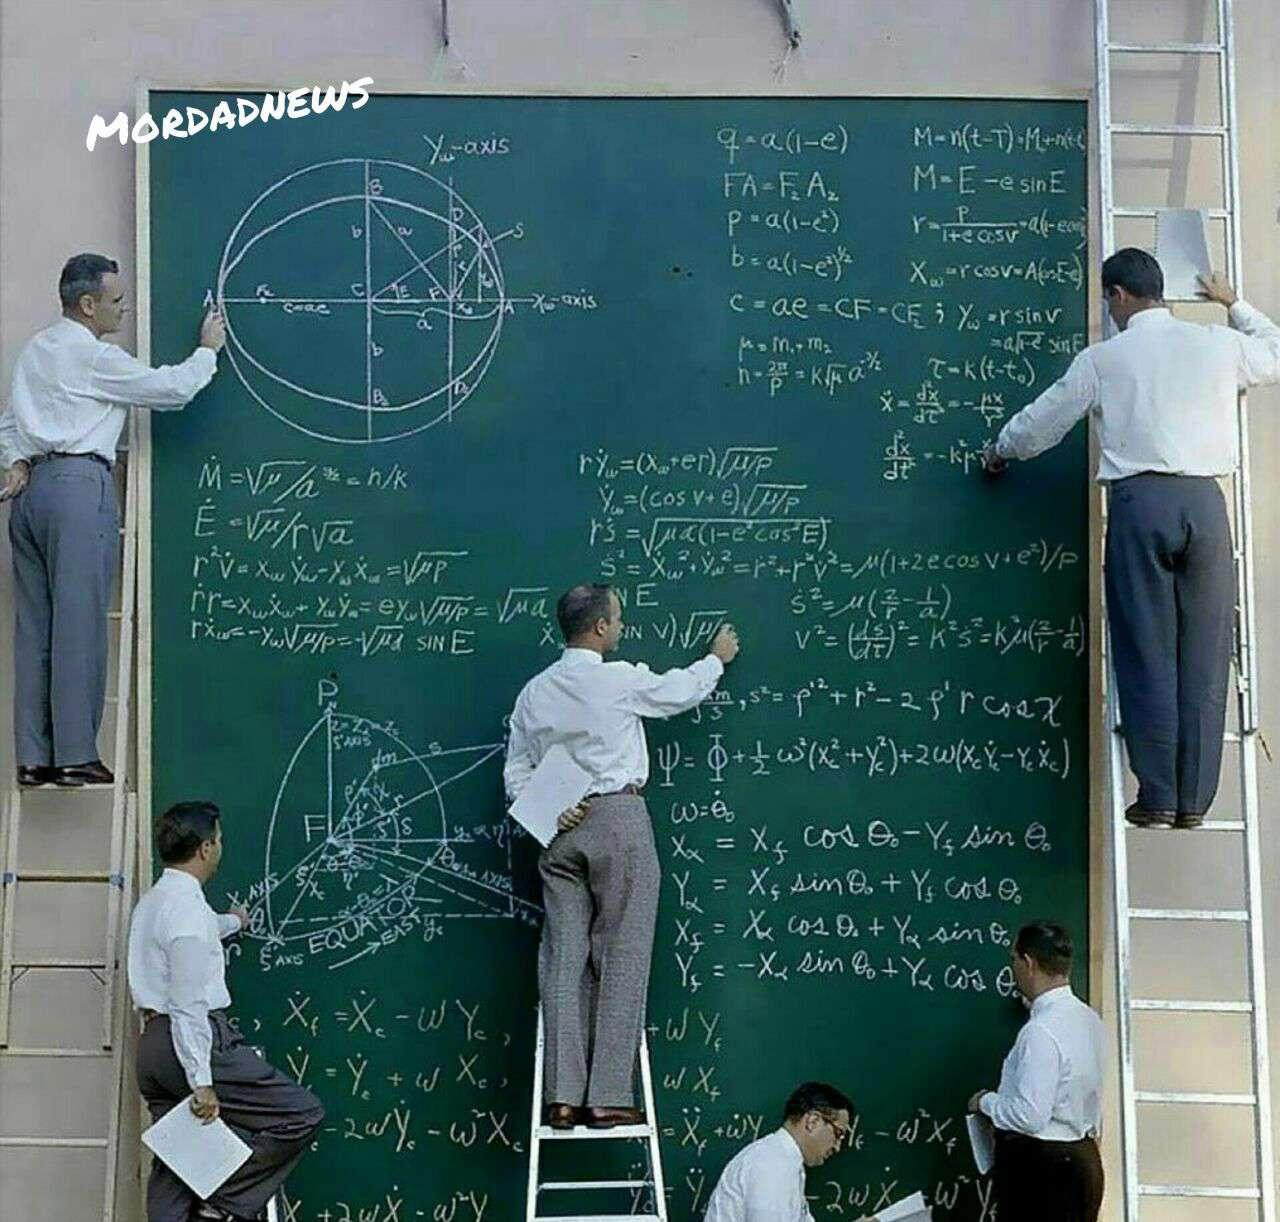 عکسی جالب از دانشمندان ناسا در سال 1961